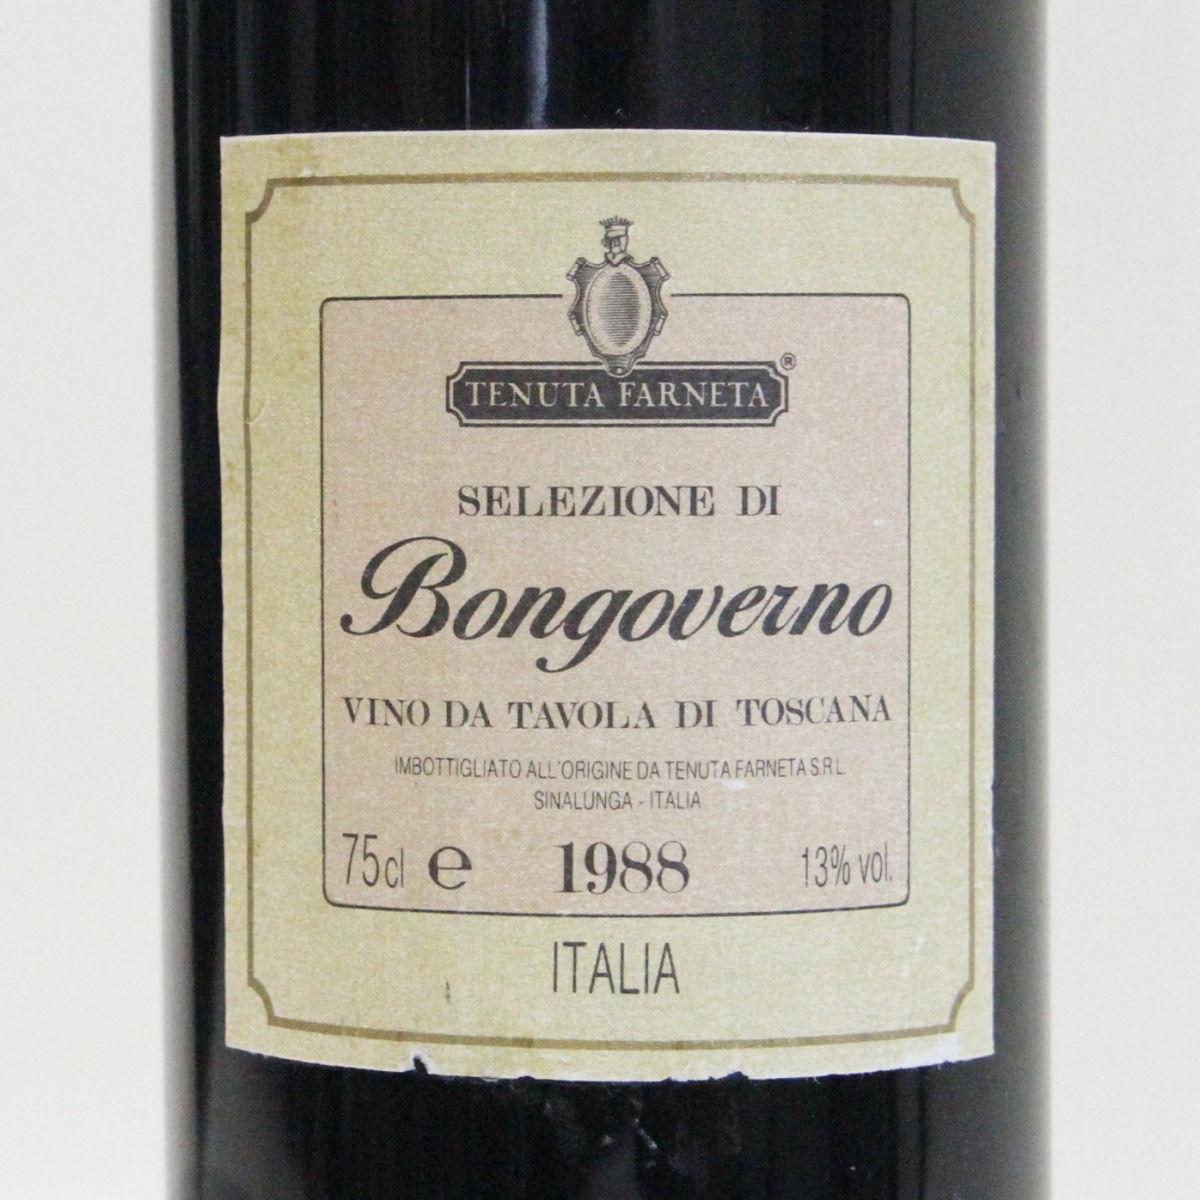 【1988年】セレツィオーネ ディ ボンゴヴェルノ ファルネータ Selezione di Bongoverno Tenuta Farneta イタリア トスカーナ州 サンジョヴェーゼ 赤ワイン 750ml